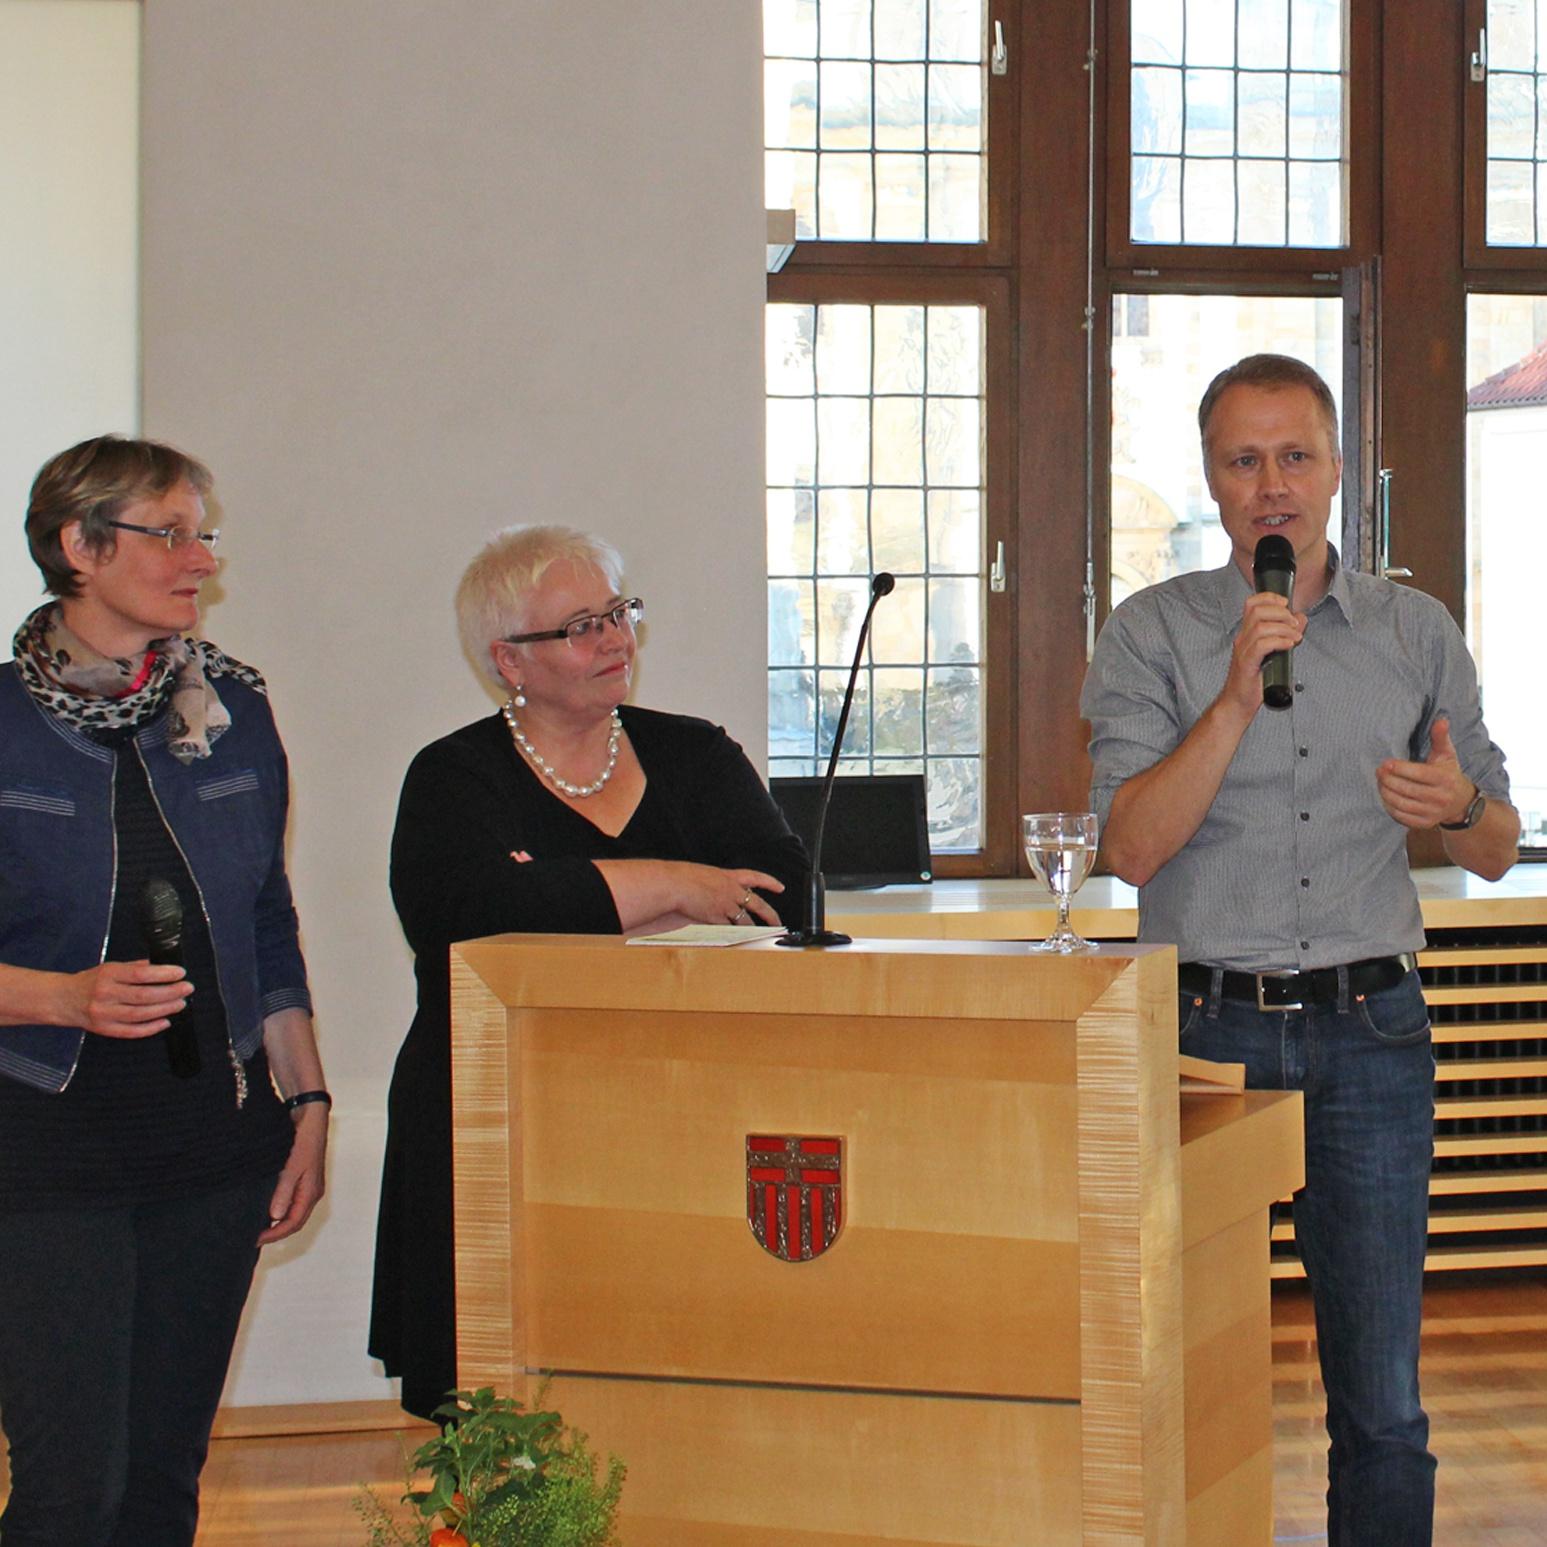 Kirchenkreis und Diakonie mit Bürgern und Experten im Gespräch: Es ist genug für alle da